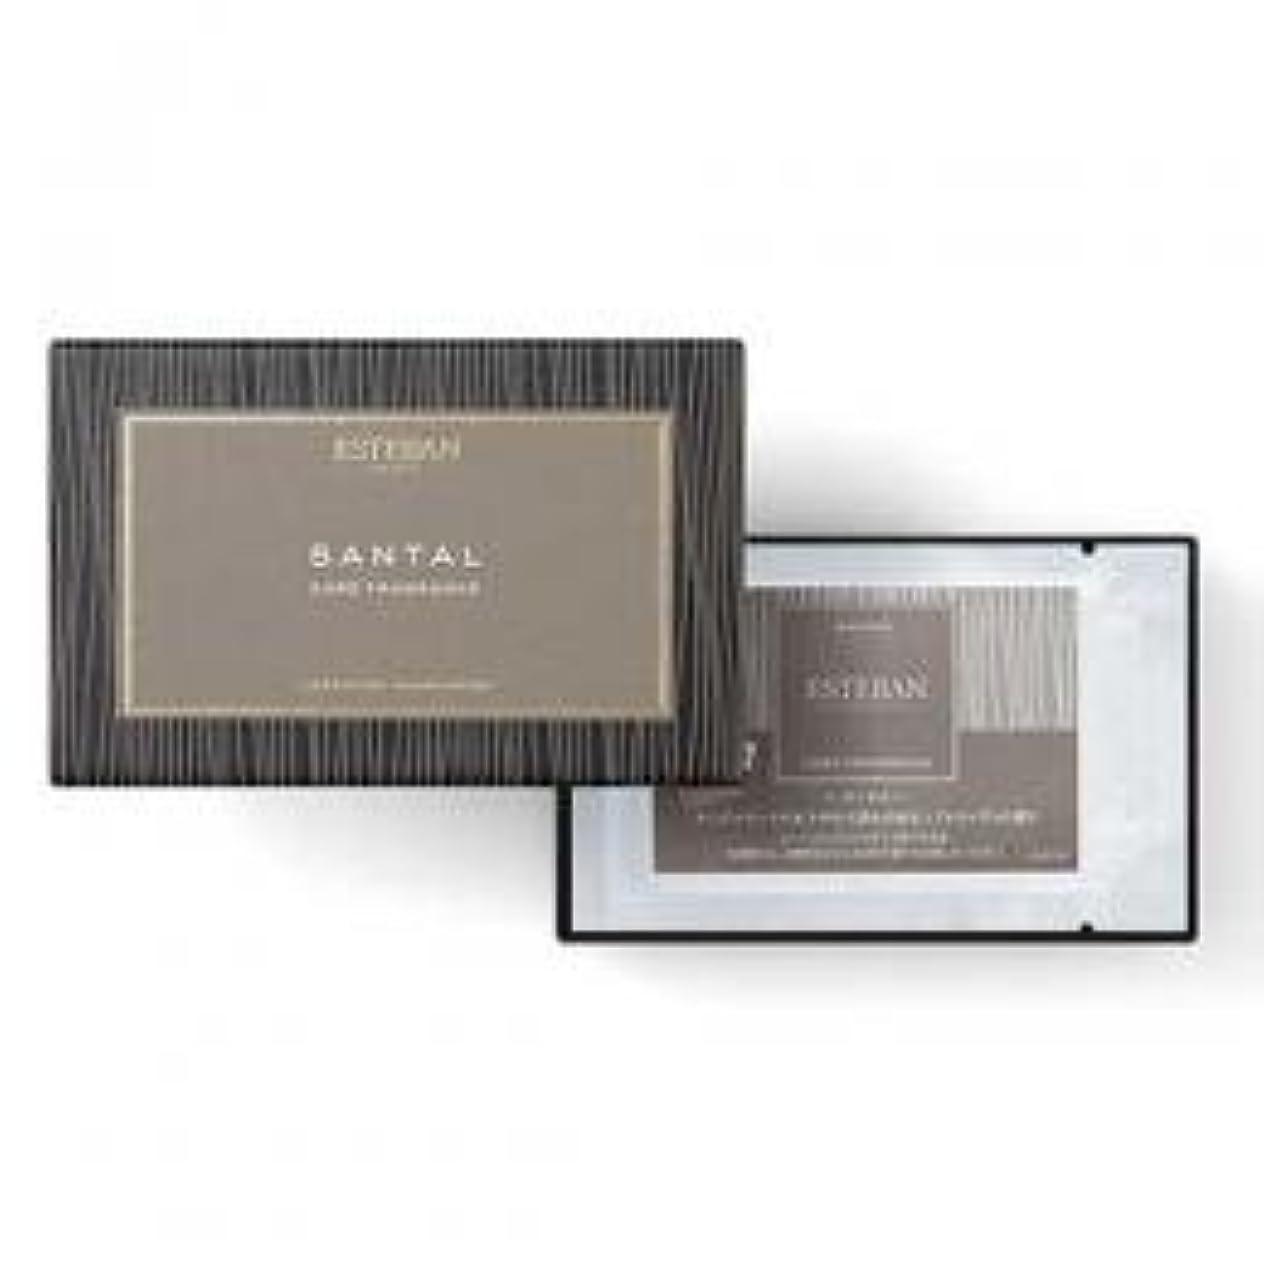 種エッセイ装備するエステバン カードフレグランス サンタル